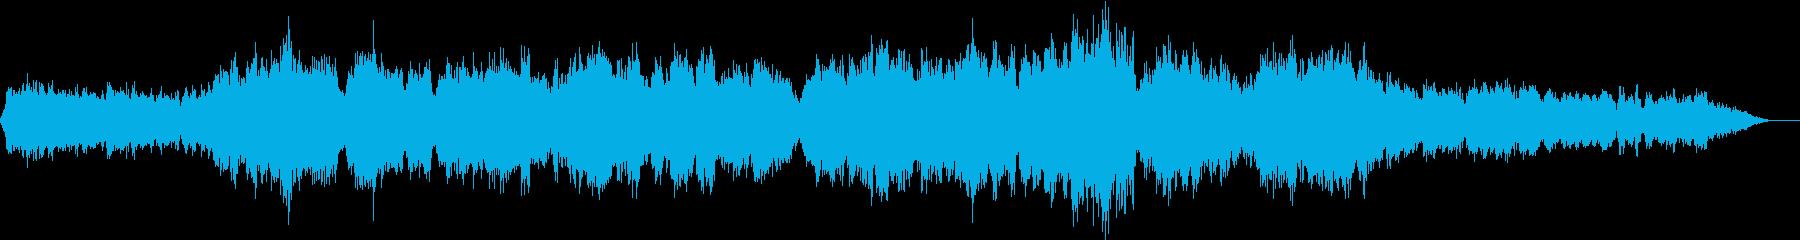 爽快なAveMaria/Shubertの再生済みの波形